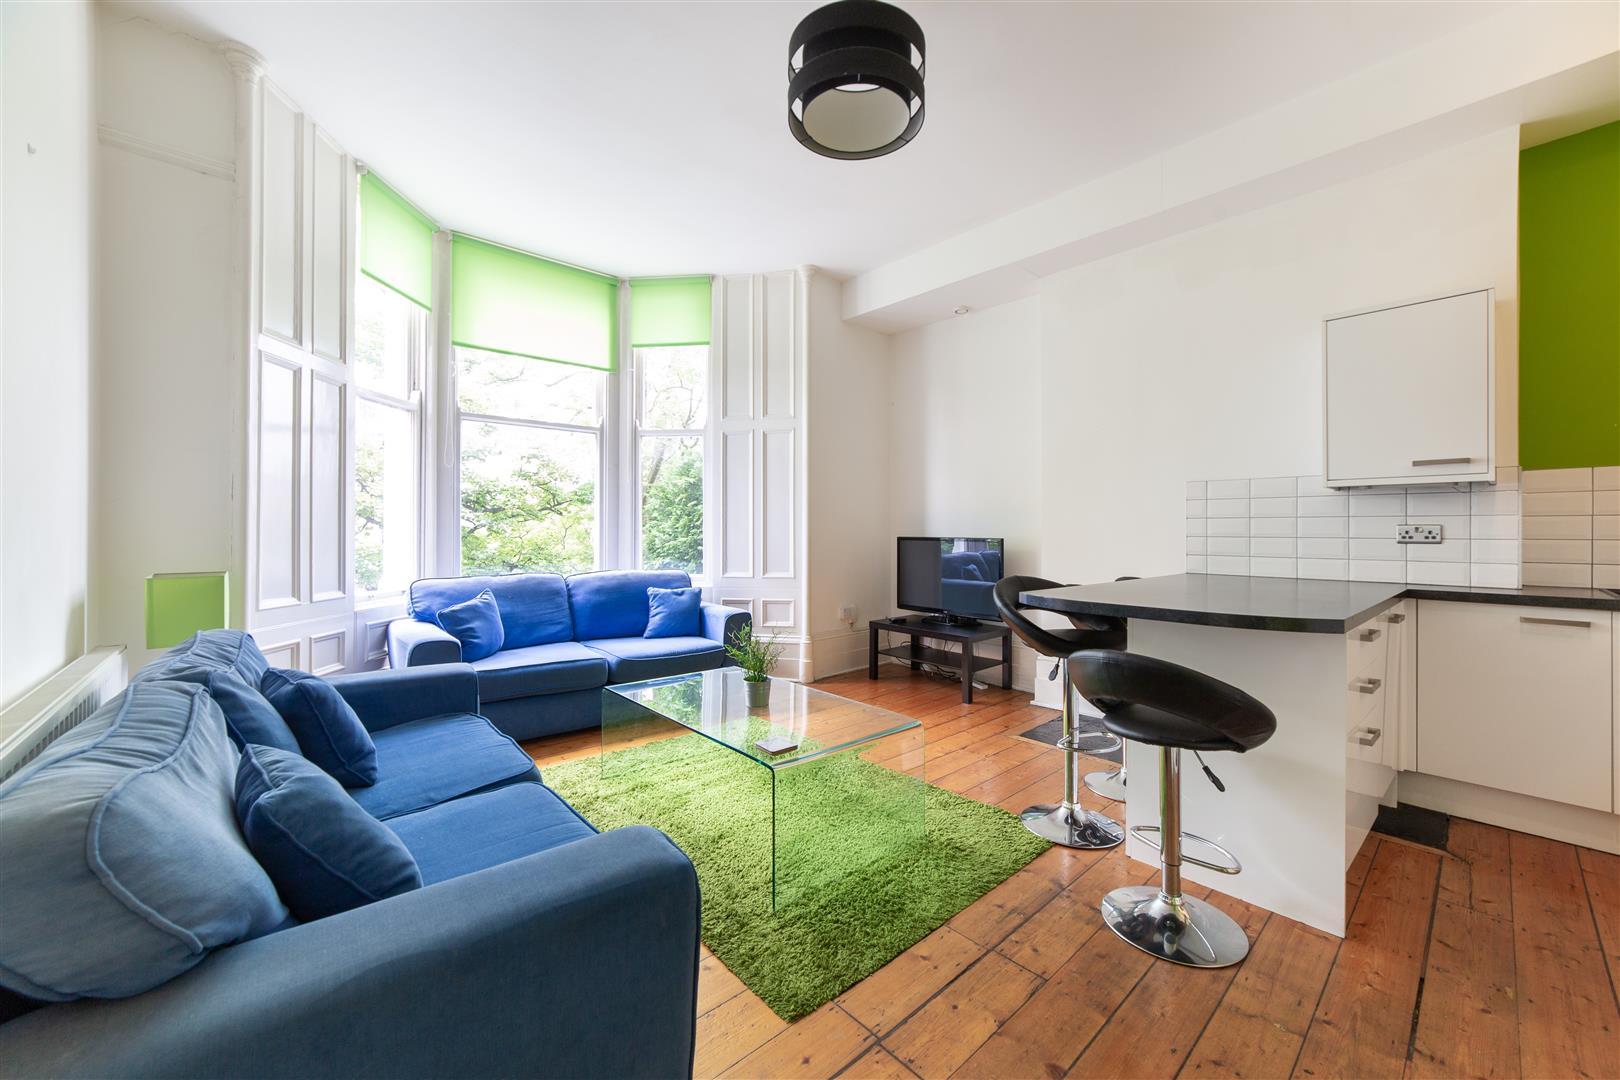 4 bed apartment to rent in 87 Jesmond Road, Jesmond, NE2